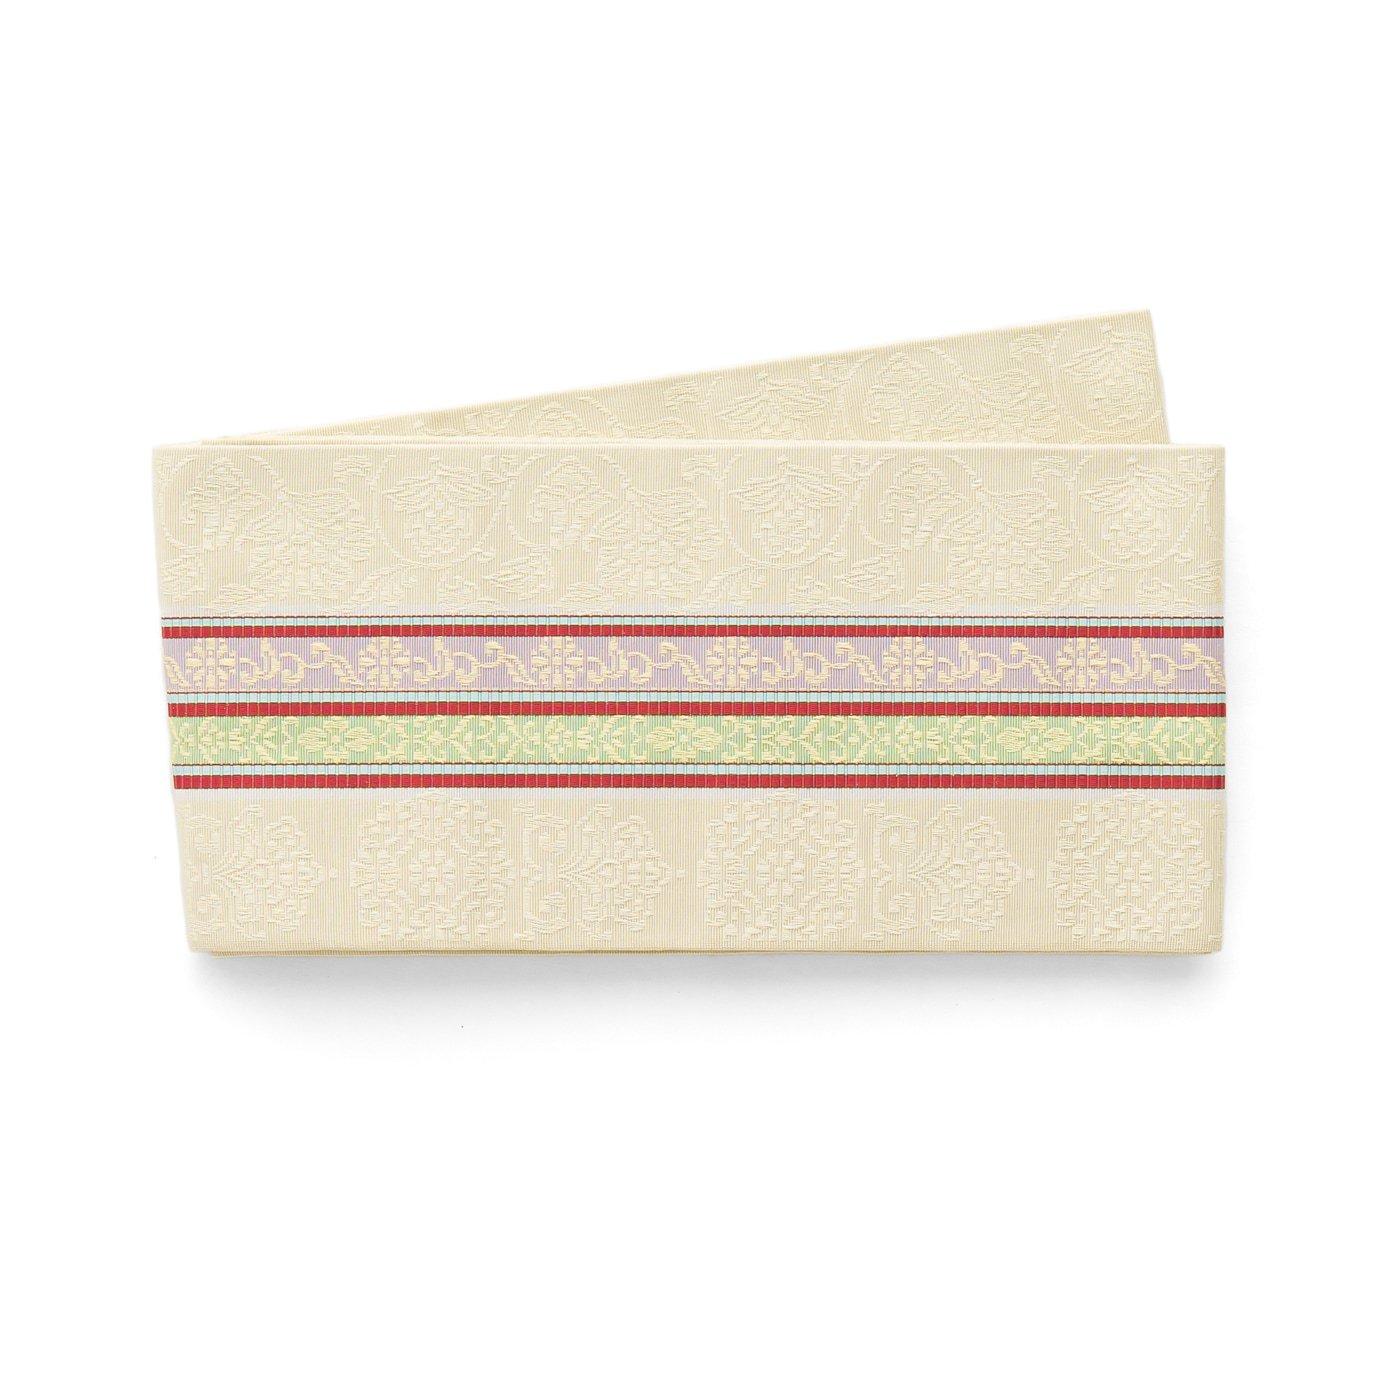 「博多小袋帯 三本縞」の商品画像